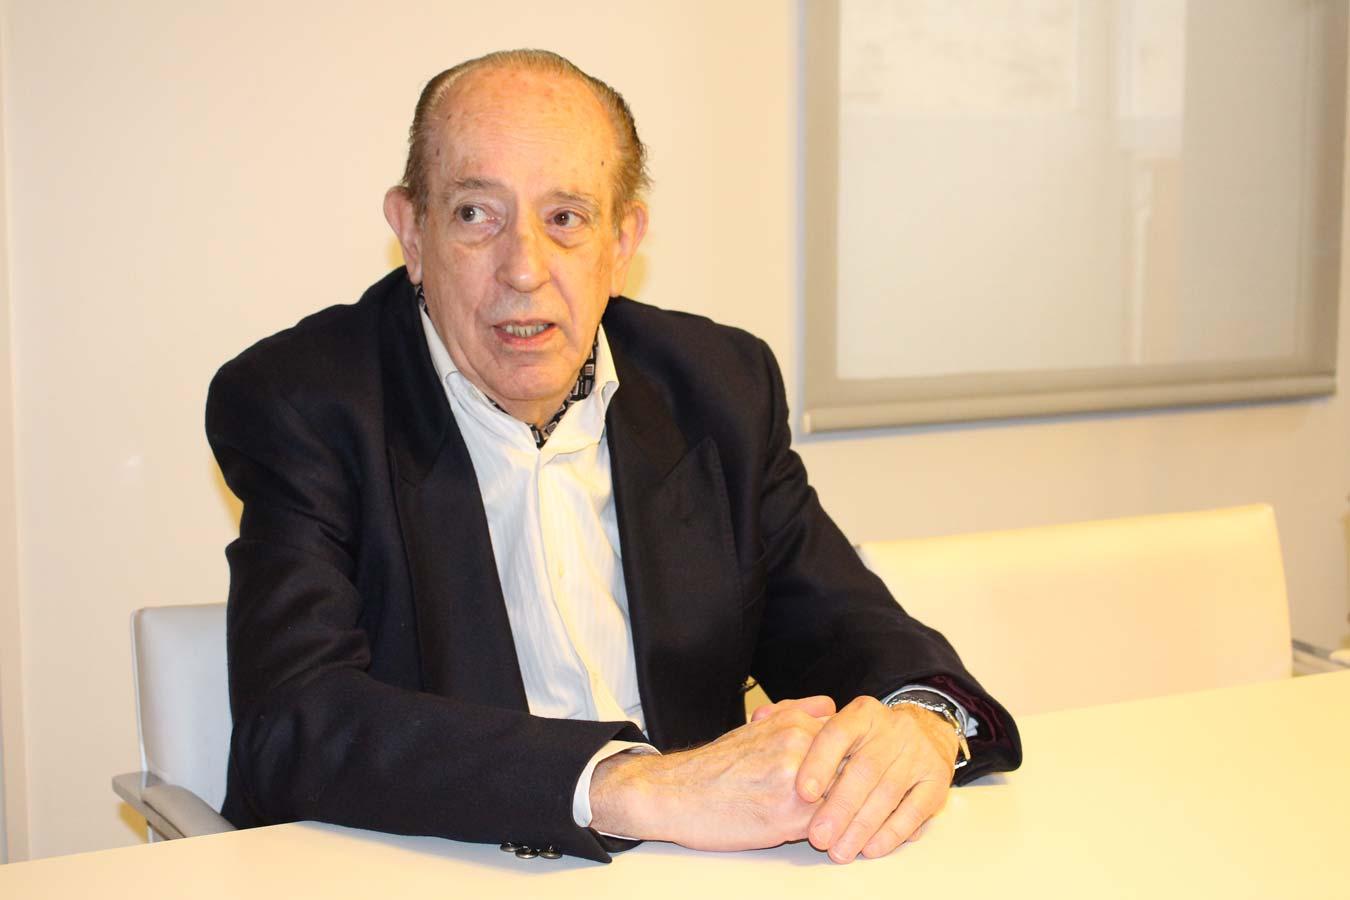 Schauvinholddenunció a la mutual poco después de la negativa a su pedido de extracción.(Rosarioplus.com)